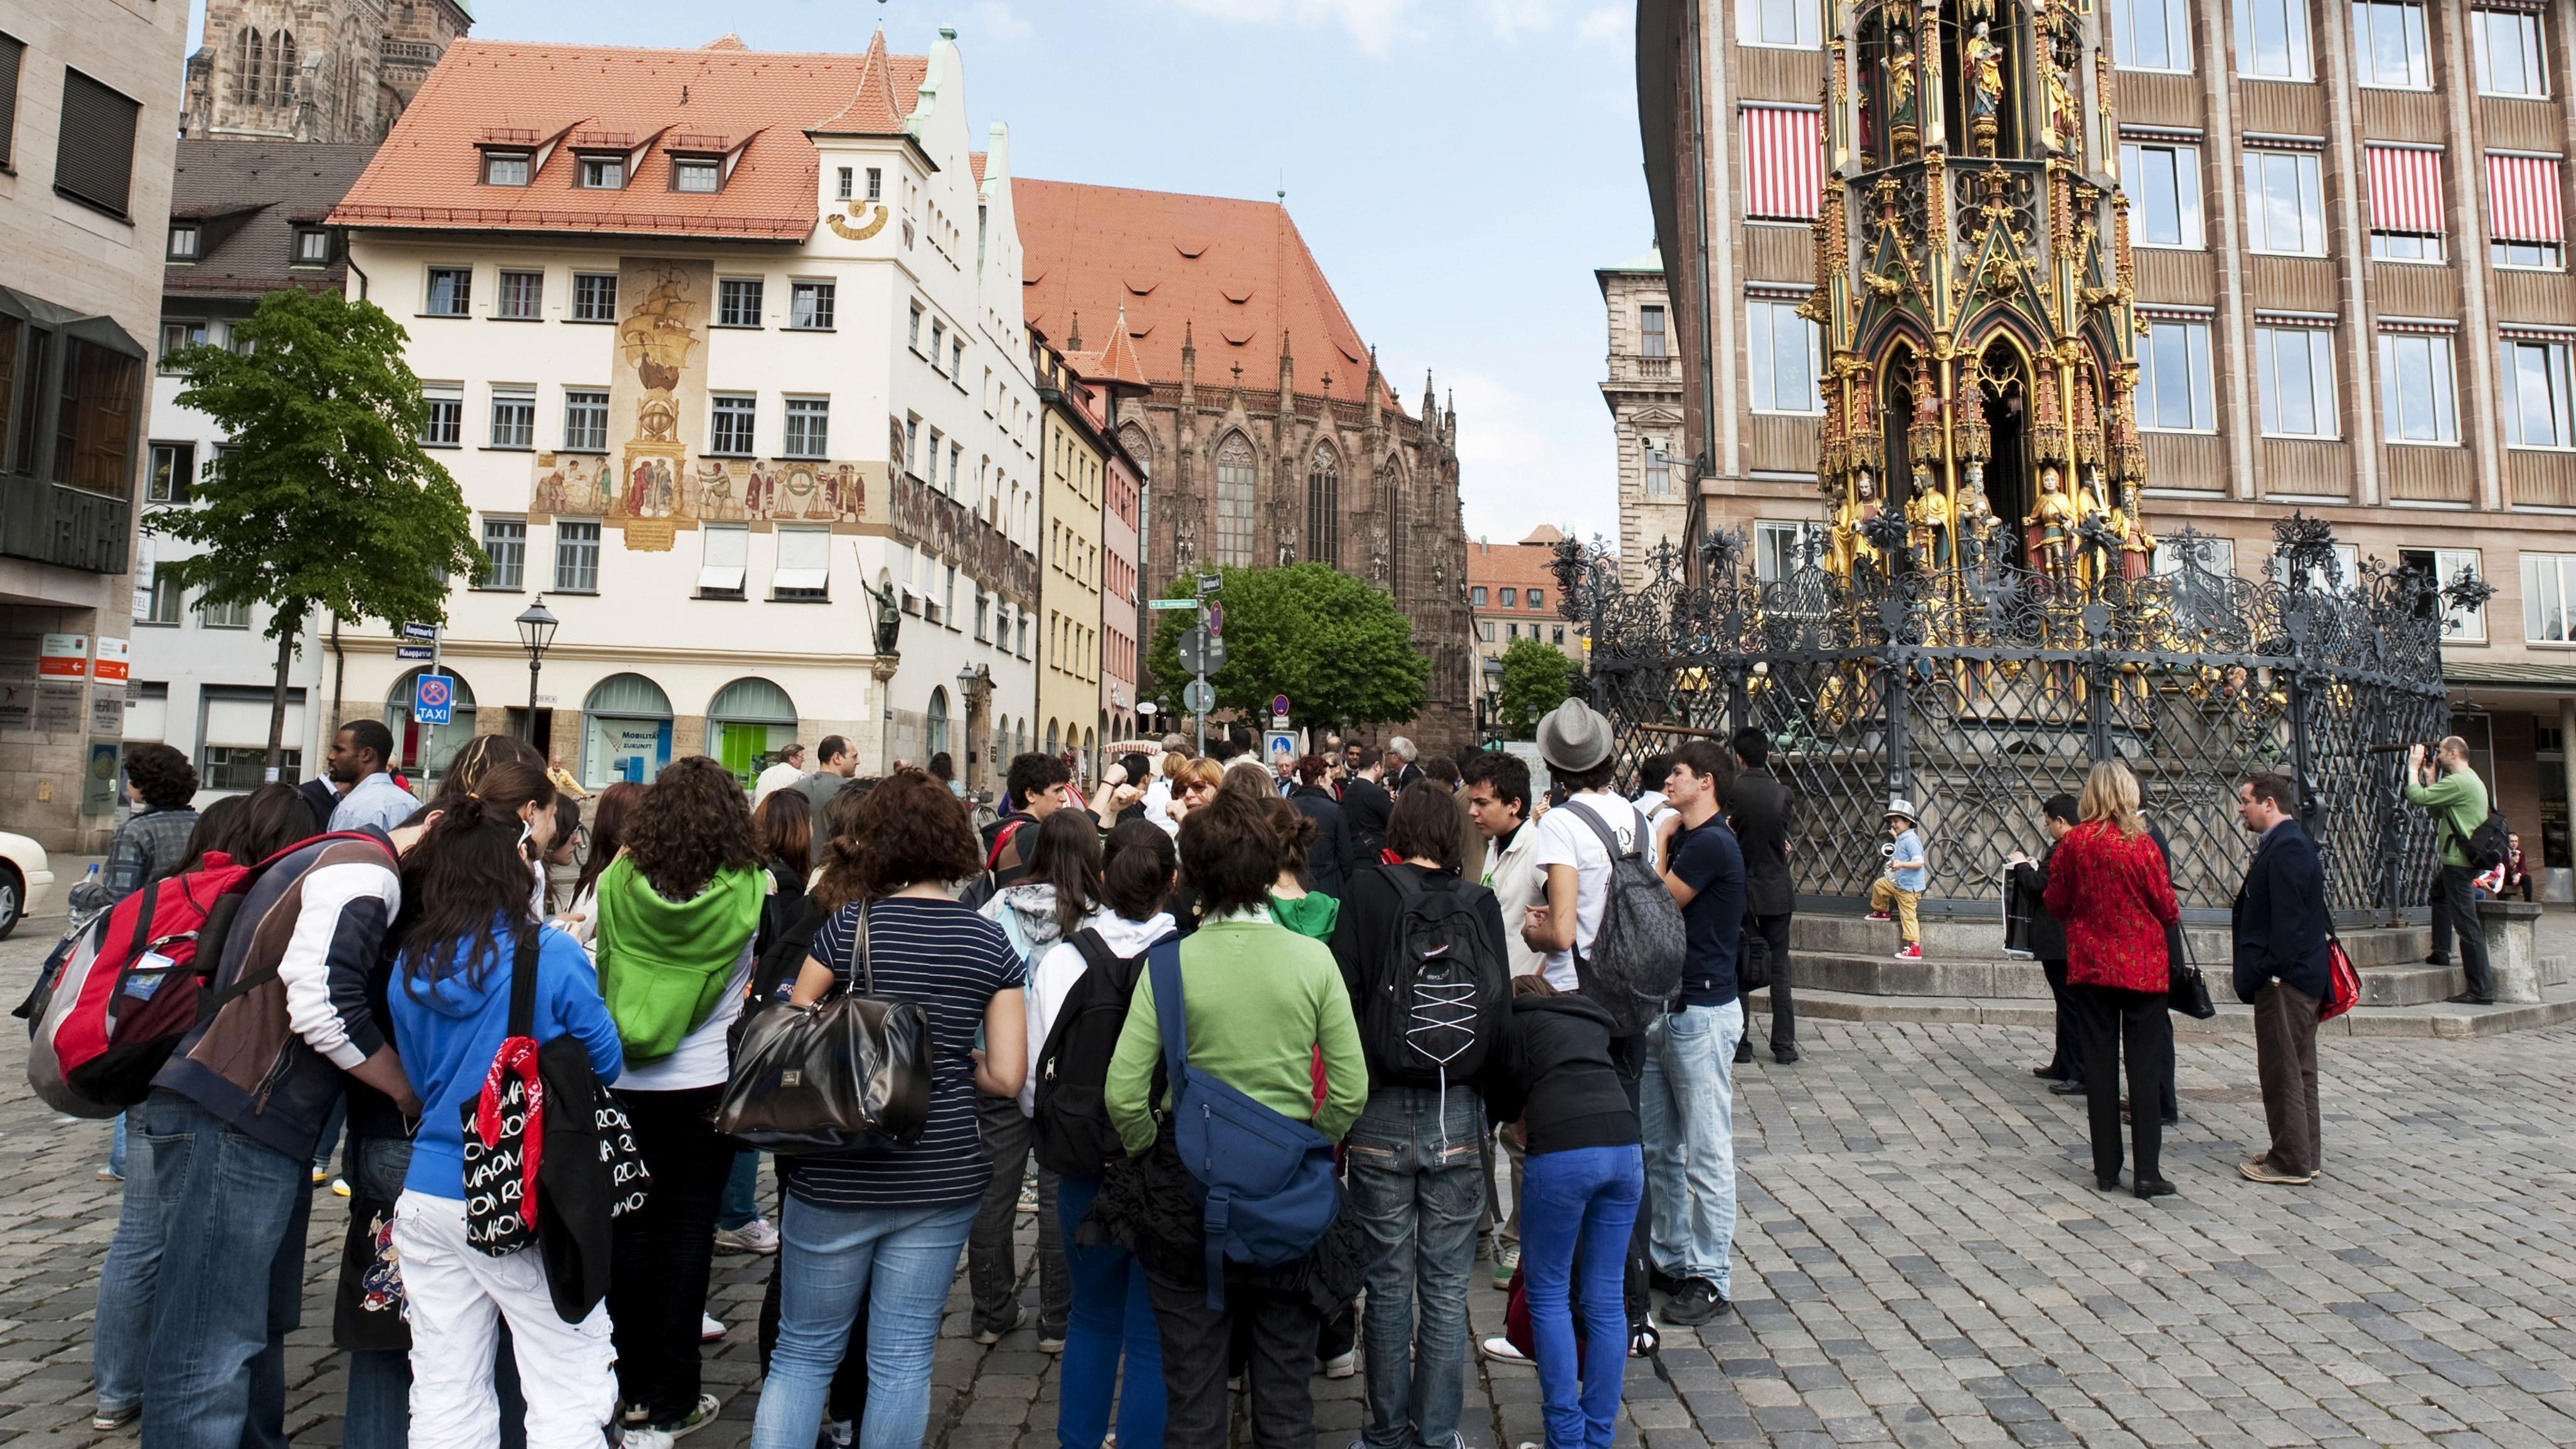 Touristengruppe vor dem Schönen Brunnen in Nürnberg